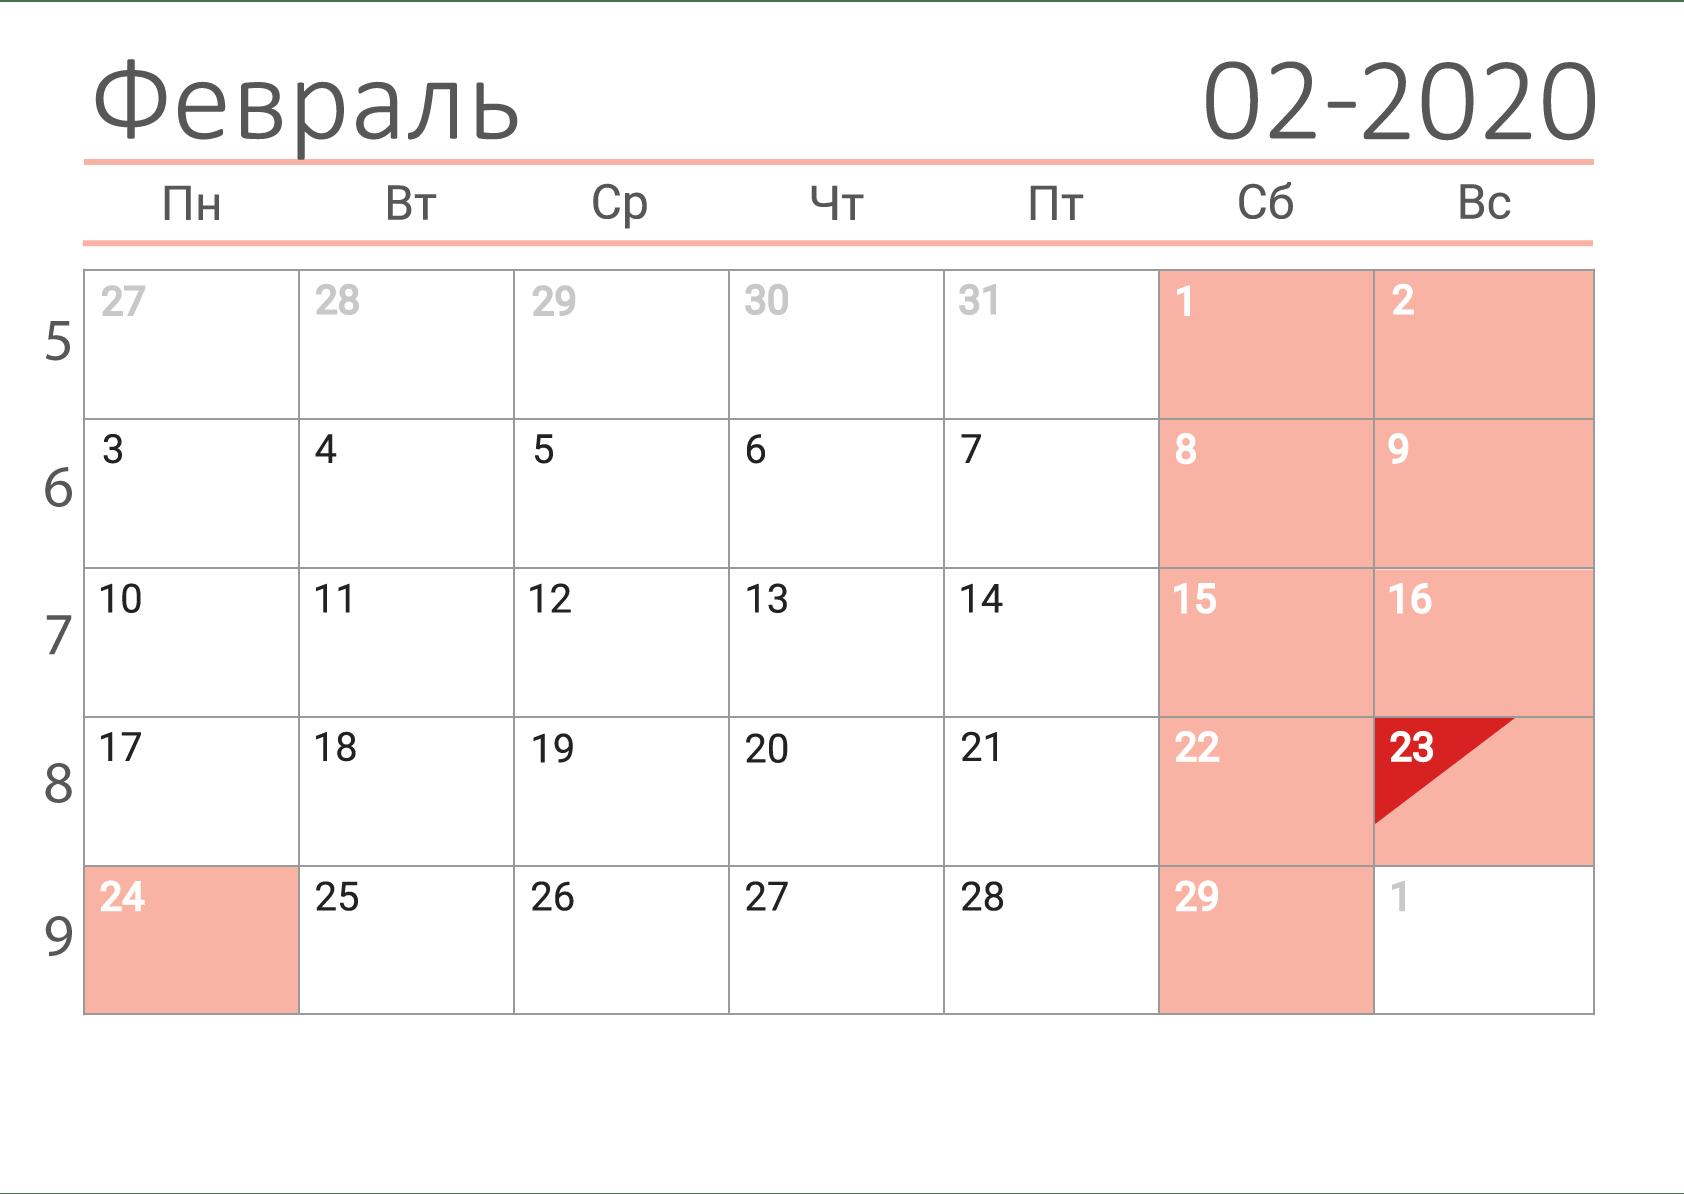 Февраль 2020 - Календарь в клетку с номерами недель